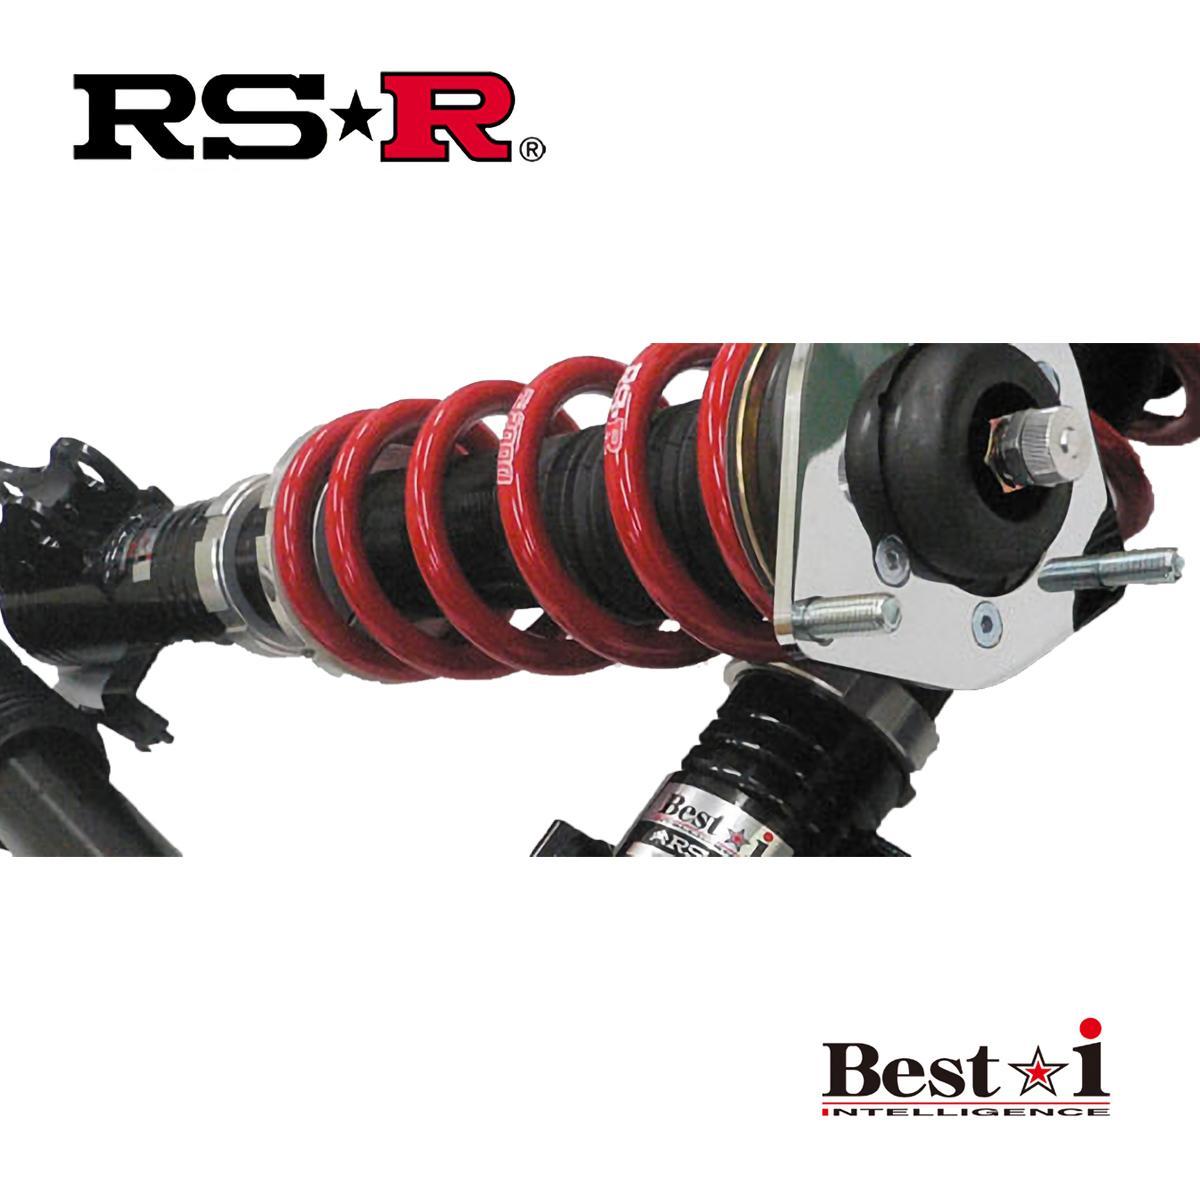 RS-R プリウス S ZVW50 車高調 リア車高調整:ネジ式/ソフトバネレート仕様 BIT580S ベストi RSR 個人宅発送追金有